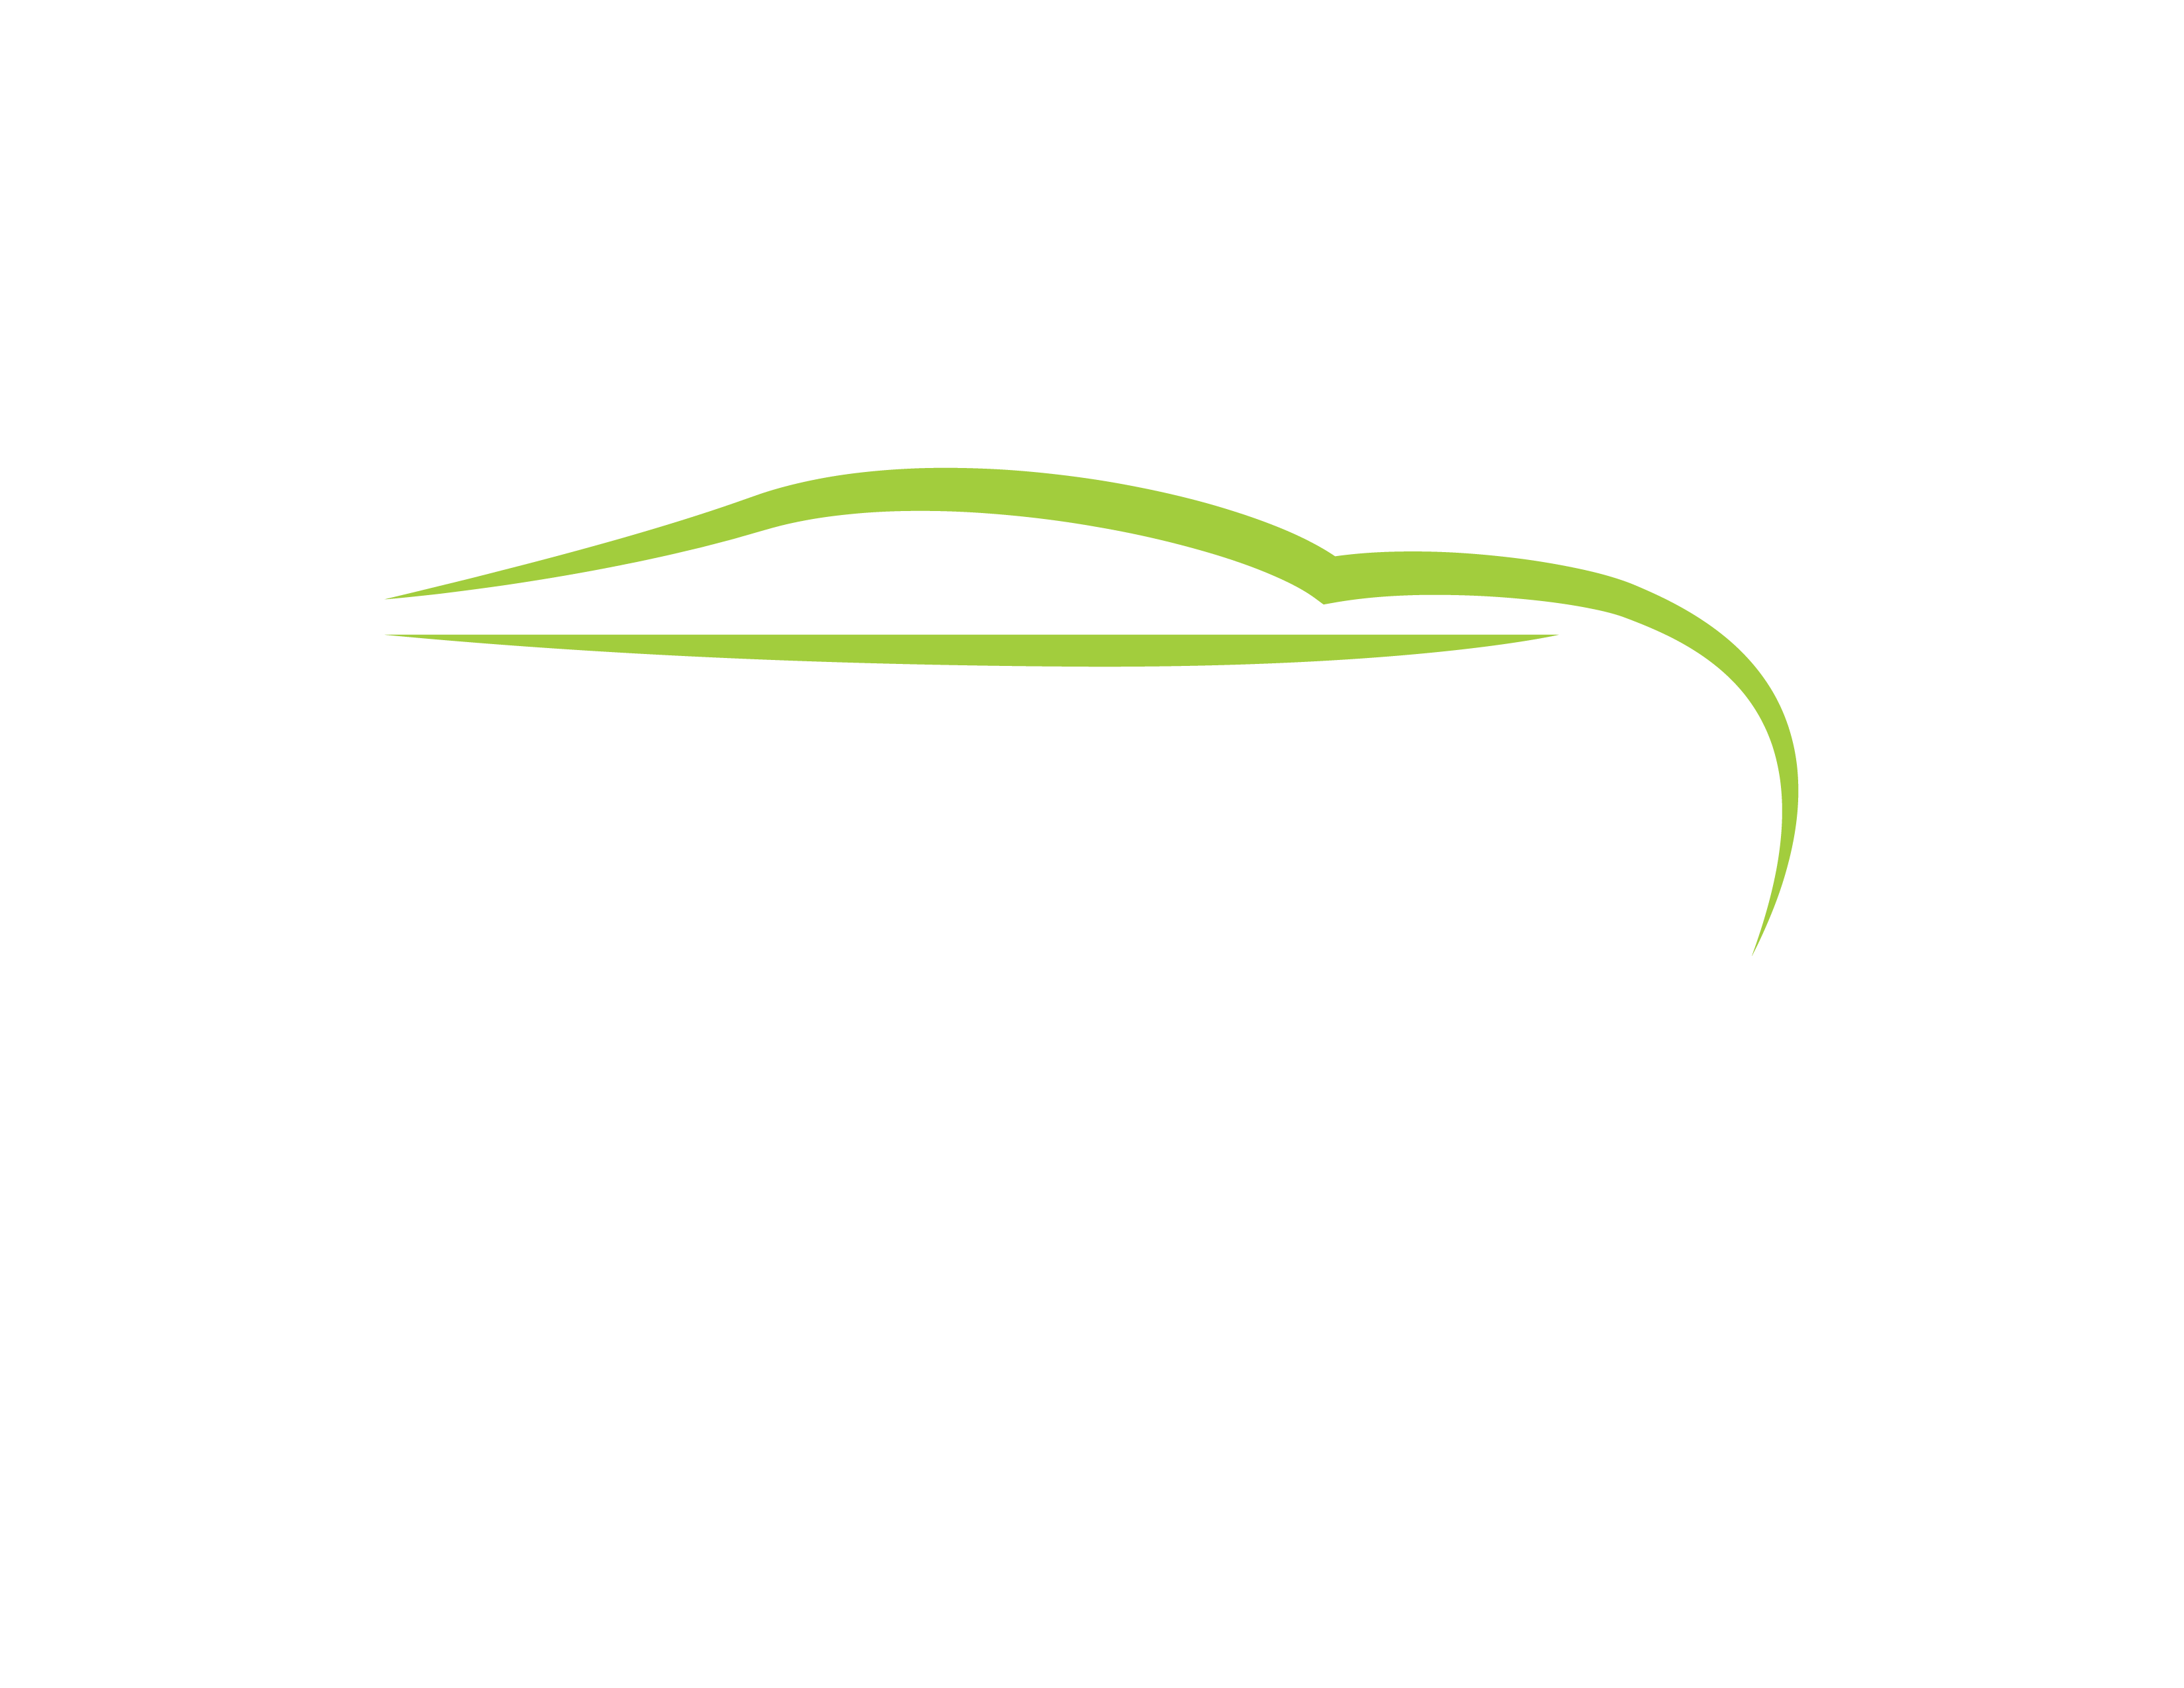 Diayma Auto